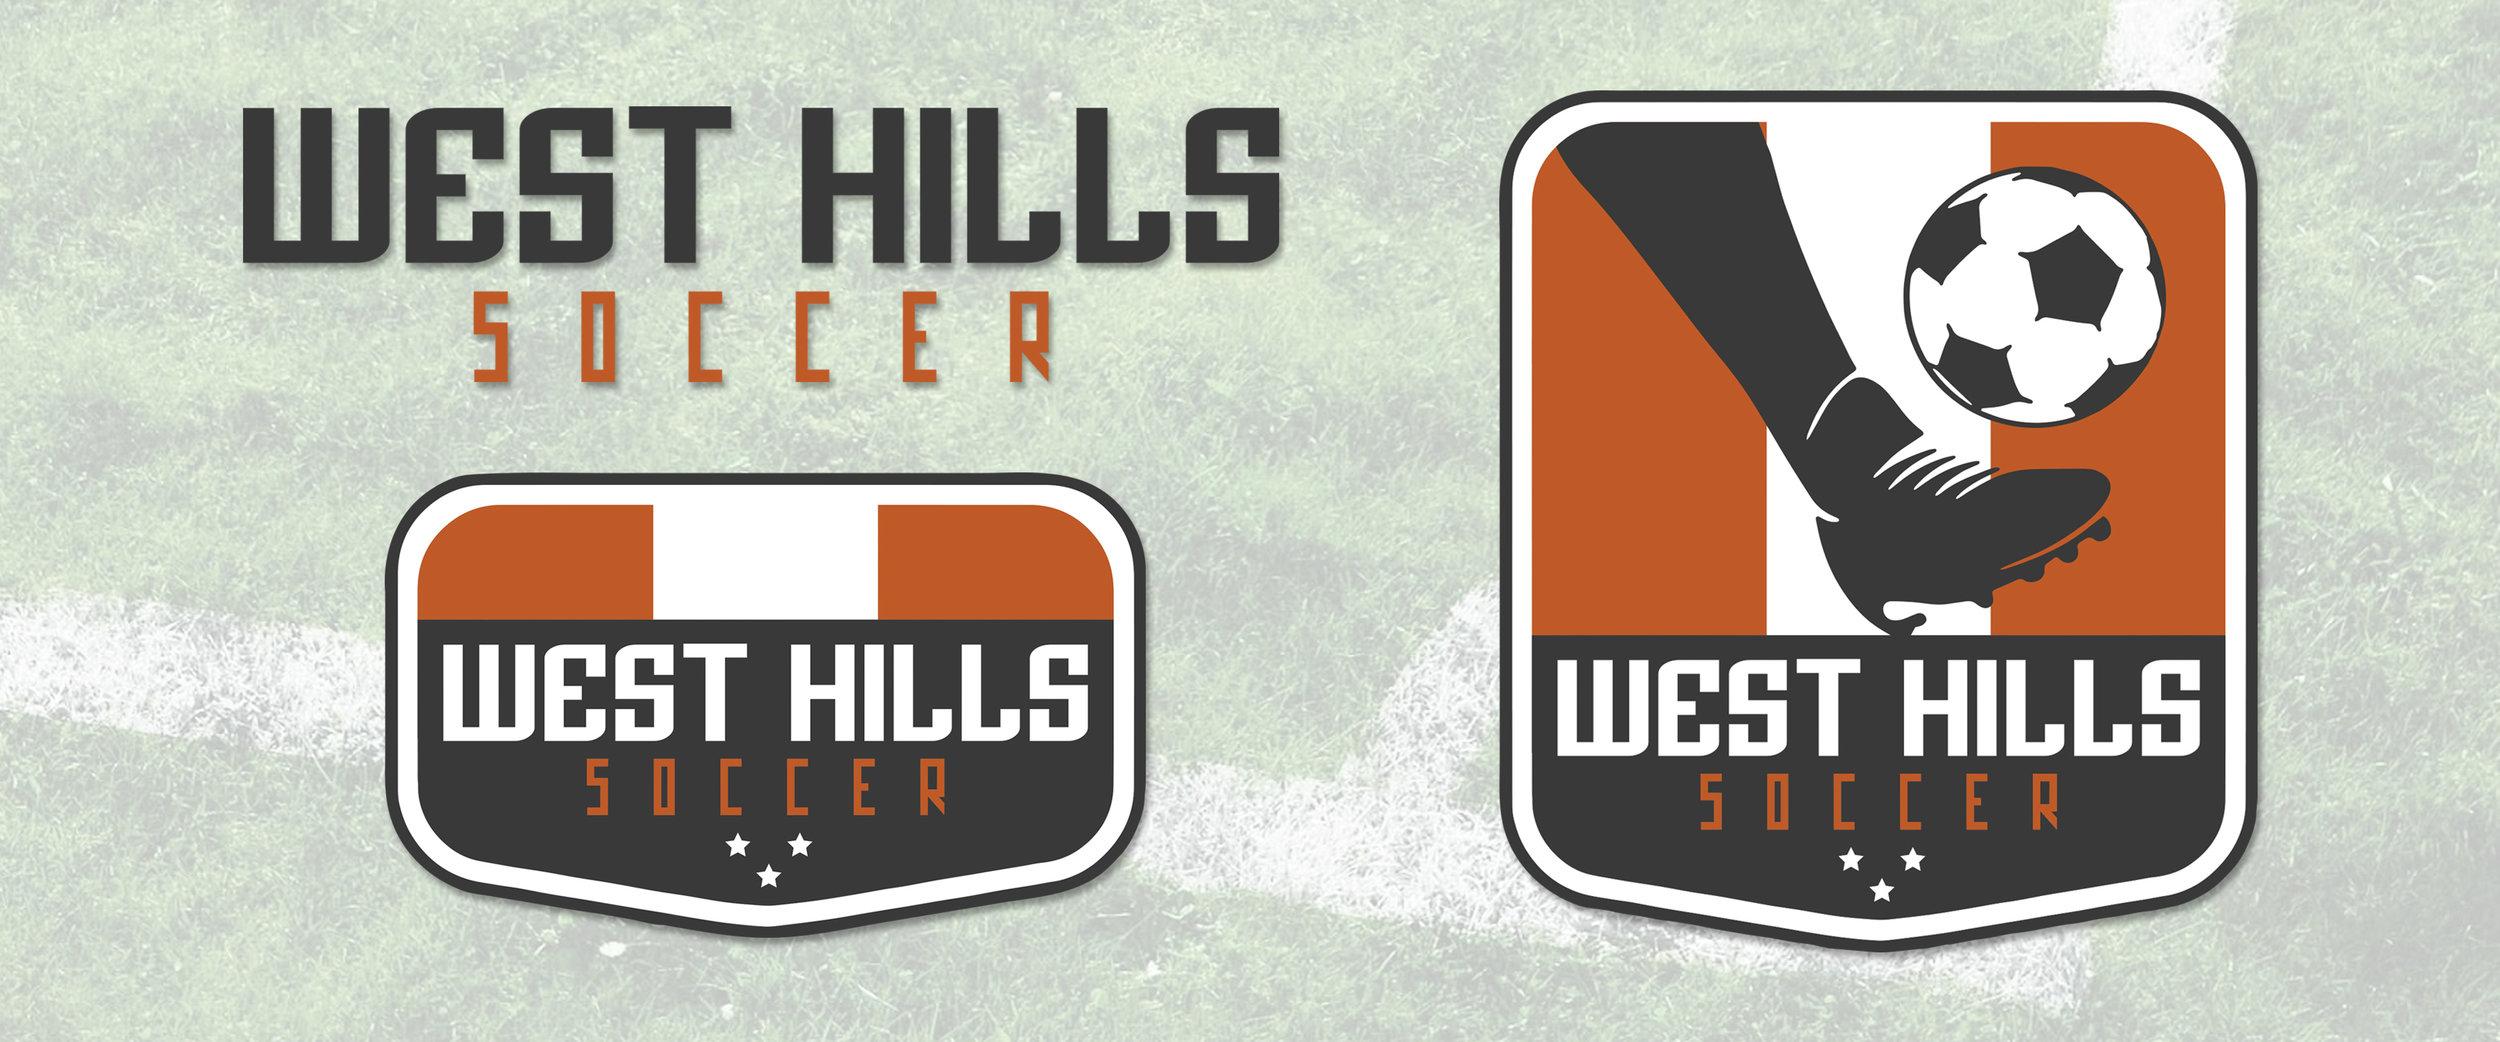 Wears My Shirt - Custom Products Anything - West Hills Soccer Club Oregon 1.jpg